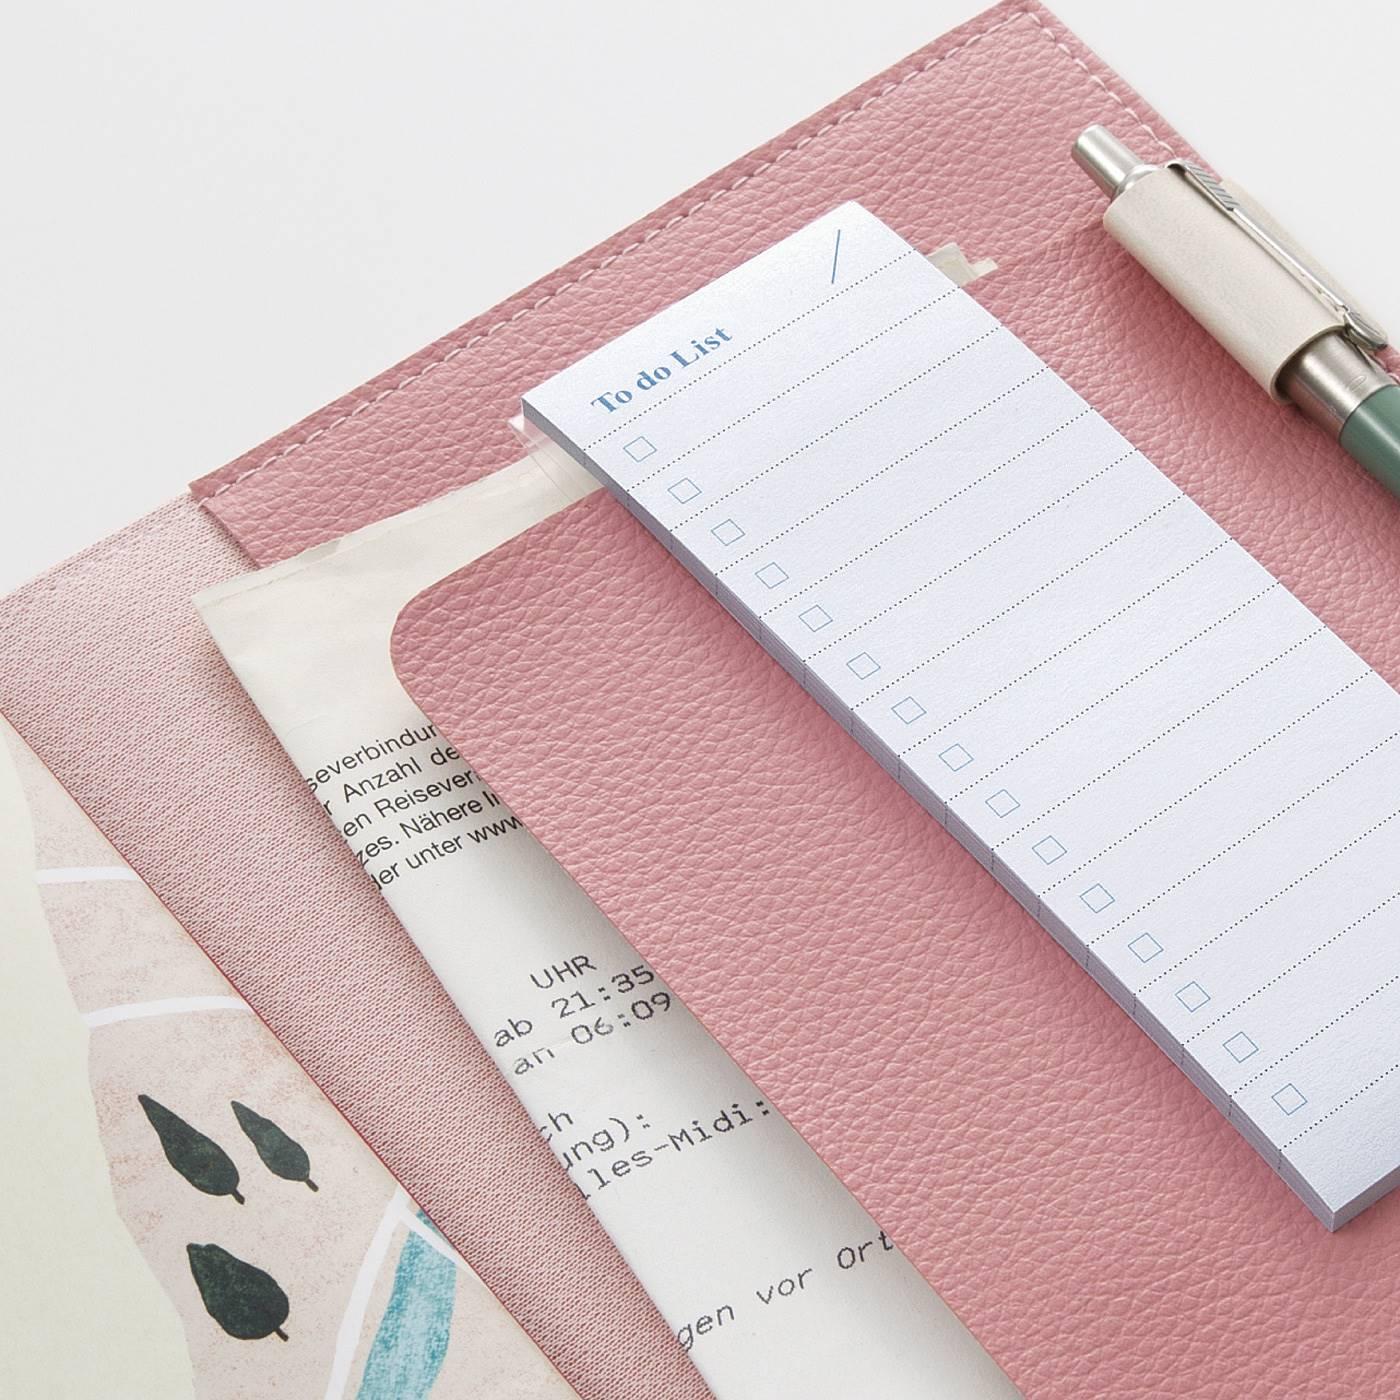 内側に深い切り込みがあるので、紙ものも入れやすく、メモ帳も挟めて便利。